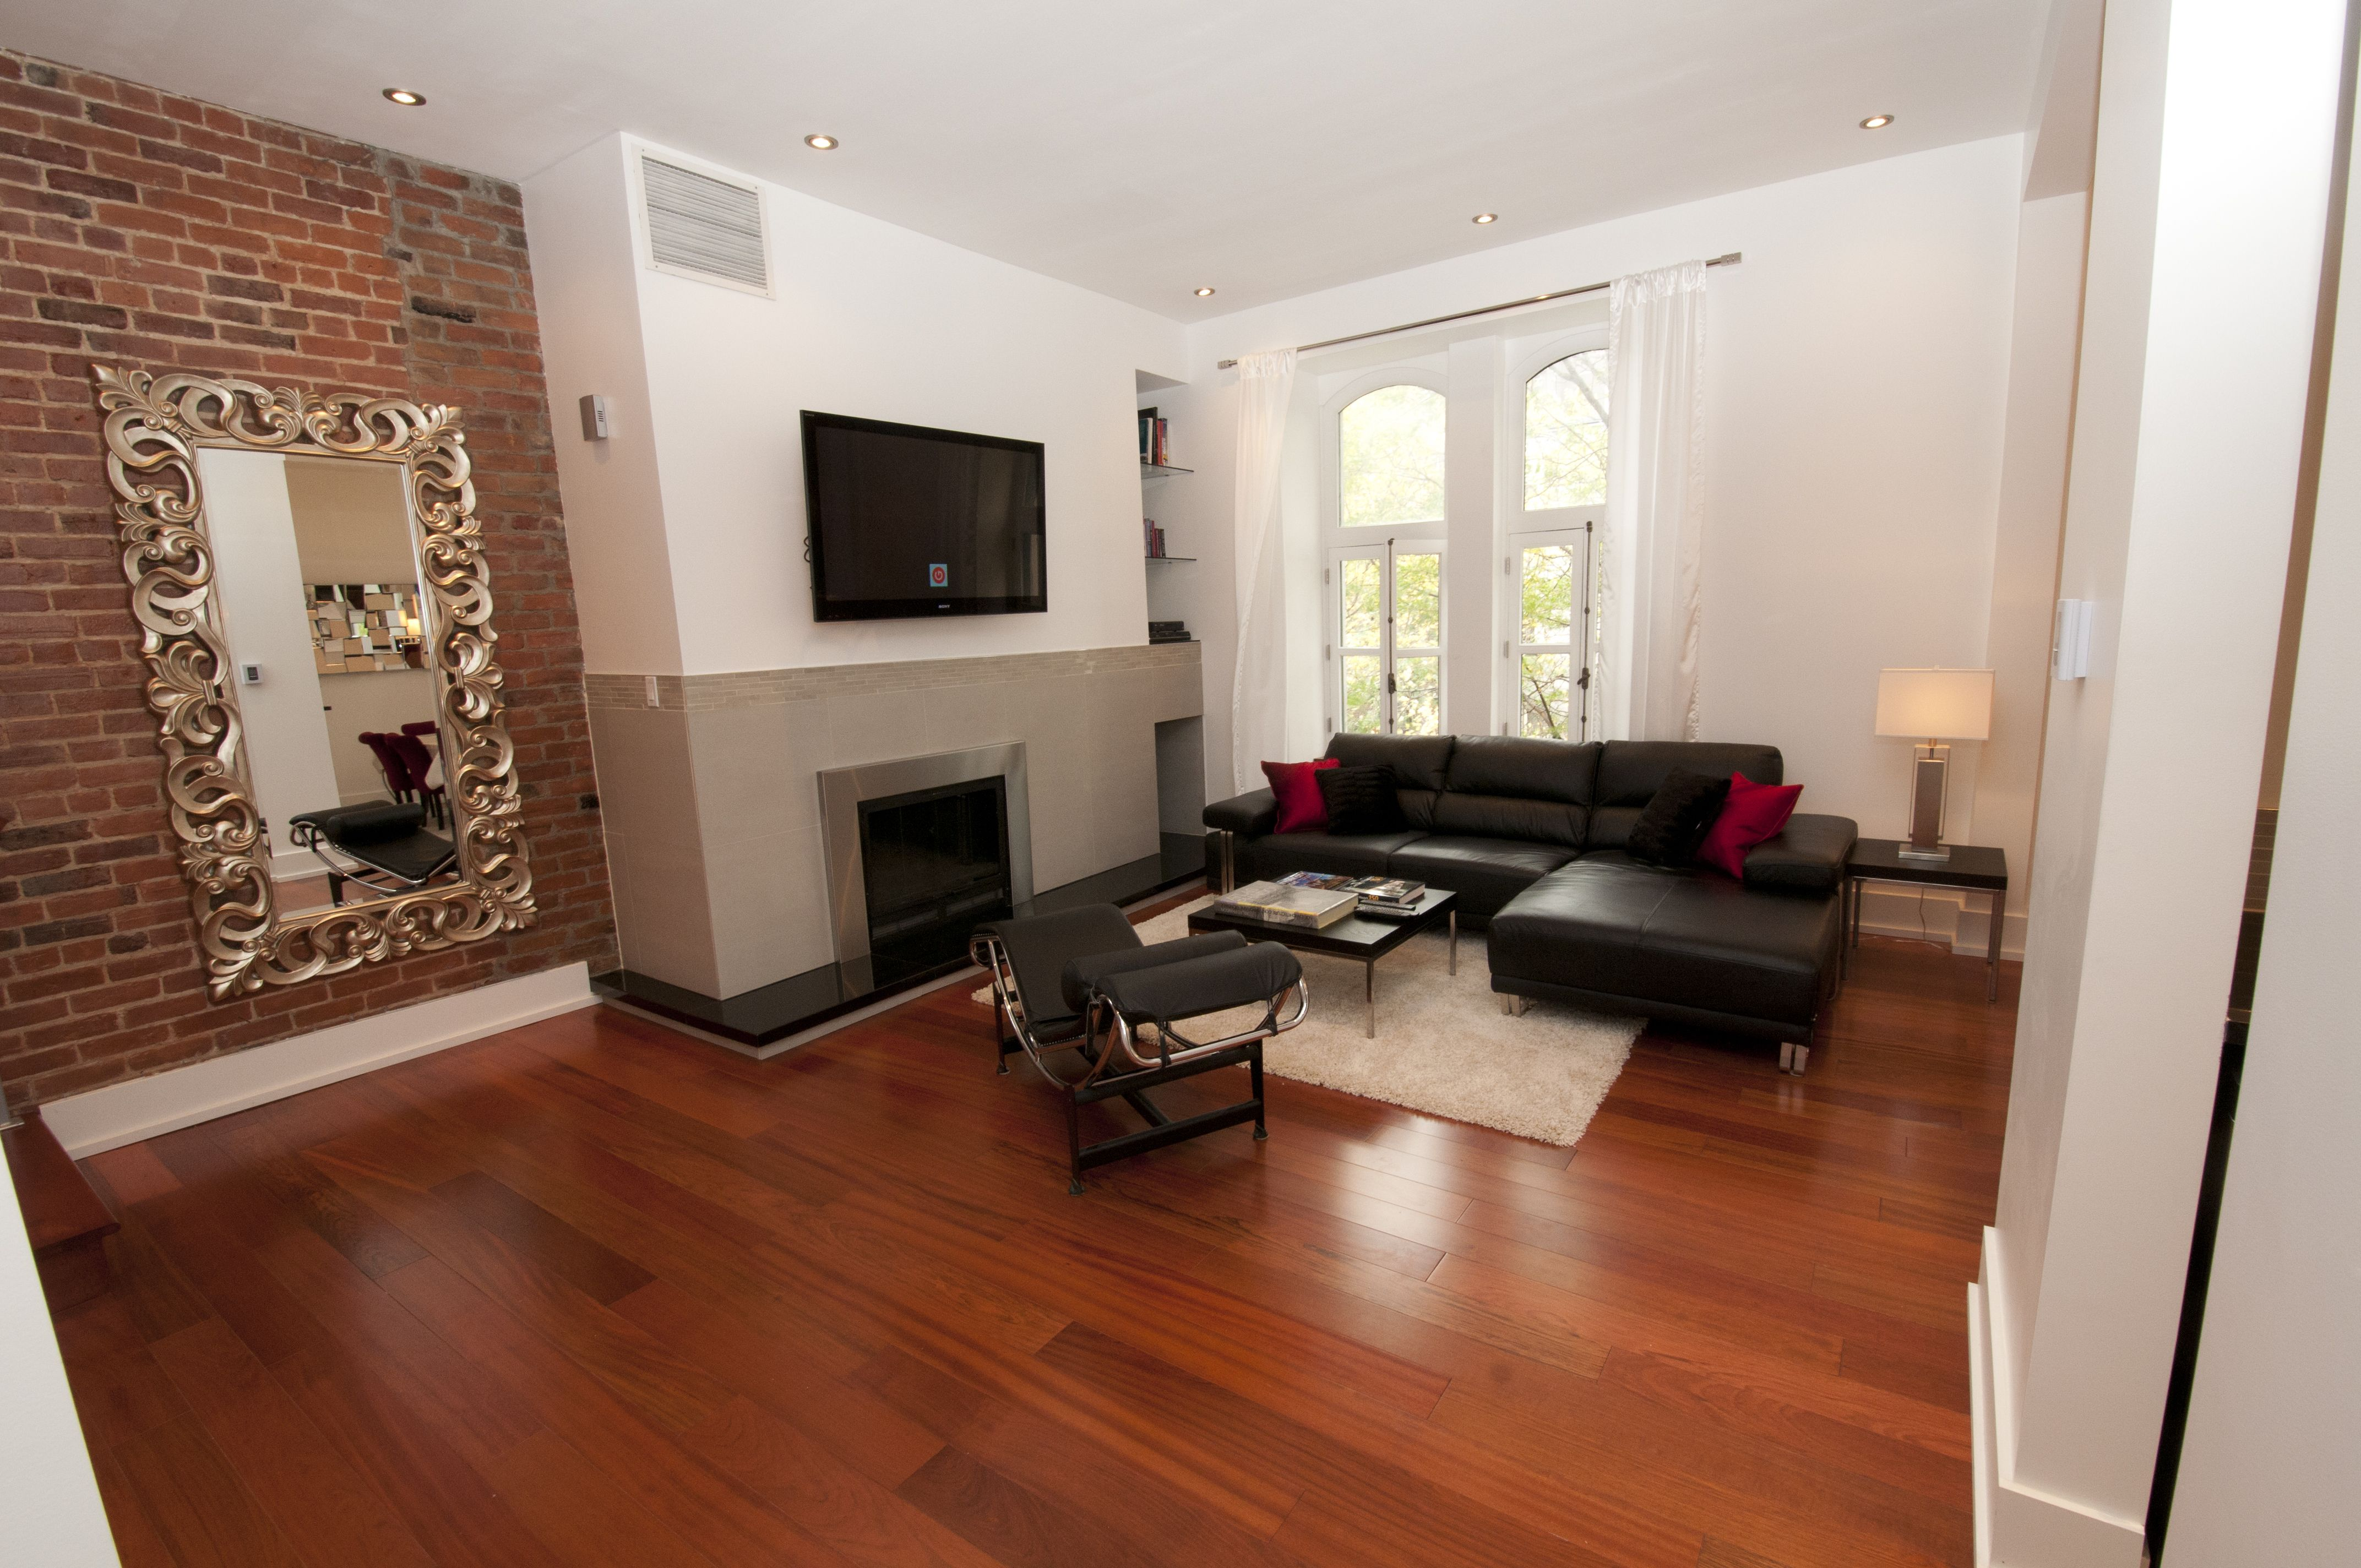 Condo Montreal Home Home Decor Furniture